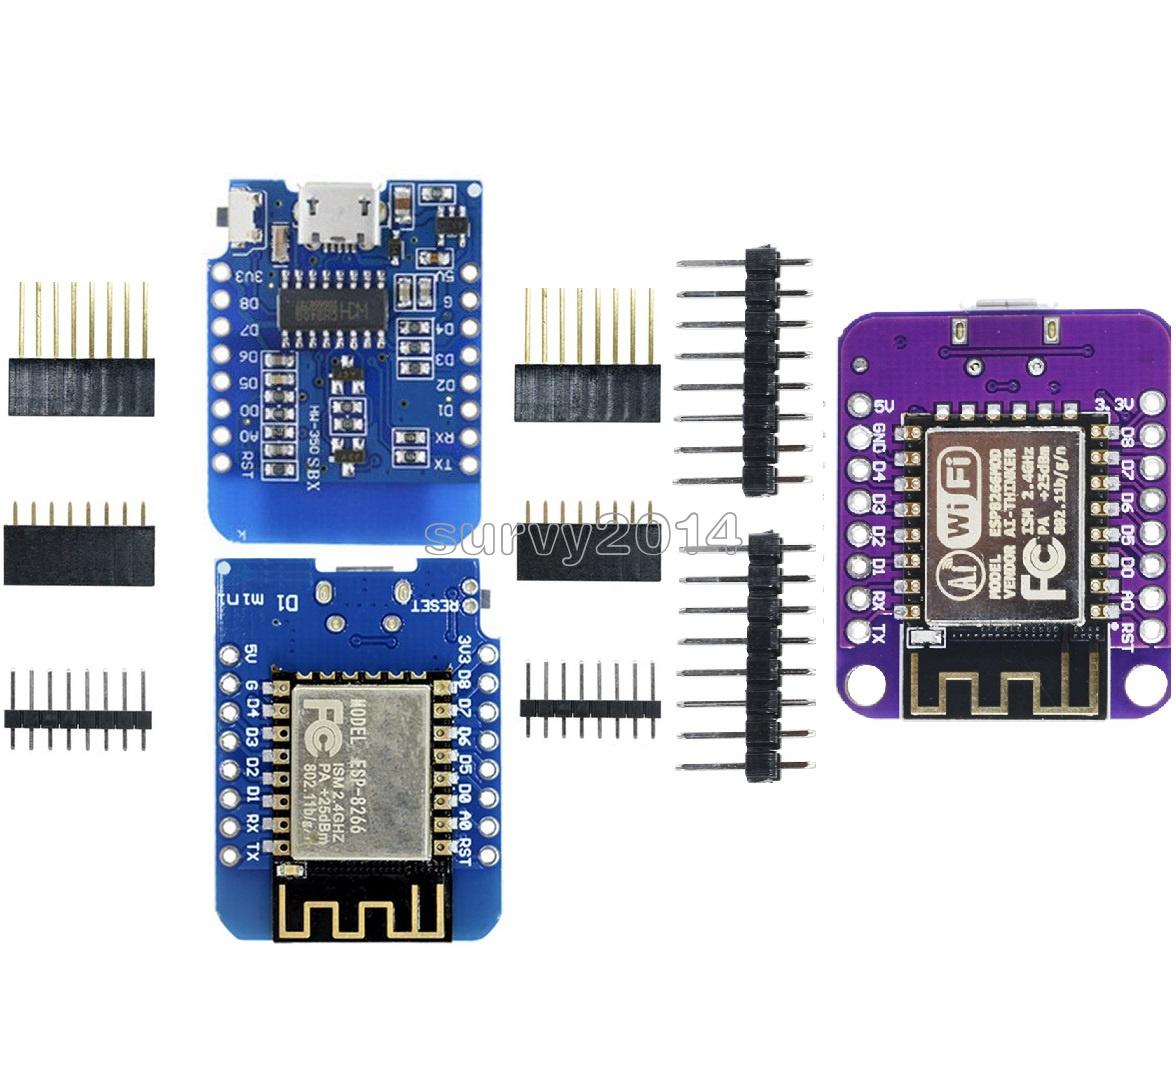 ESP-12F CP2014 NodeMCU Lua ESP8266 ESP-12 WeMos D1 Mini WIFI 4M Bytes